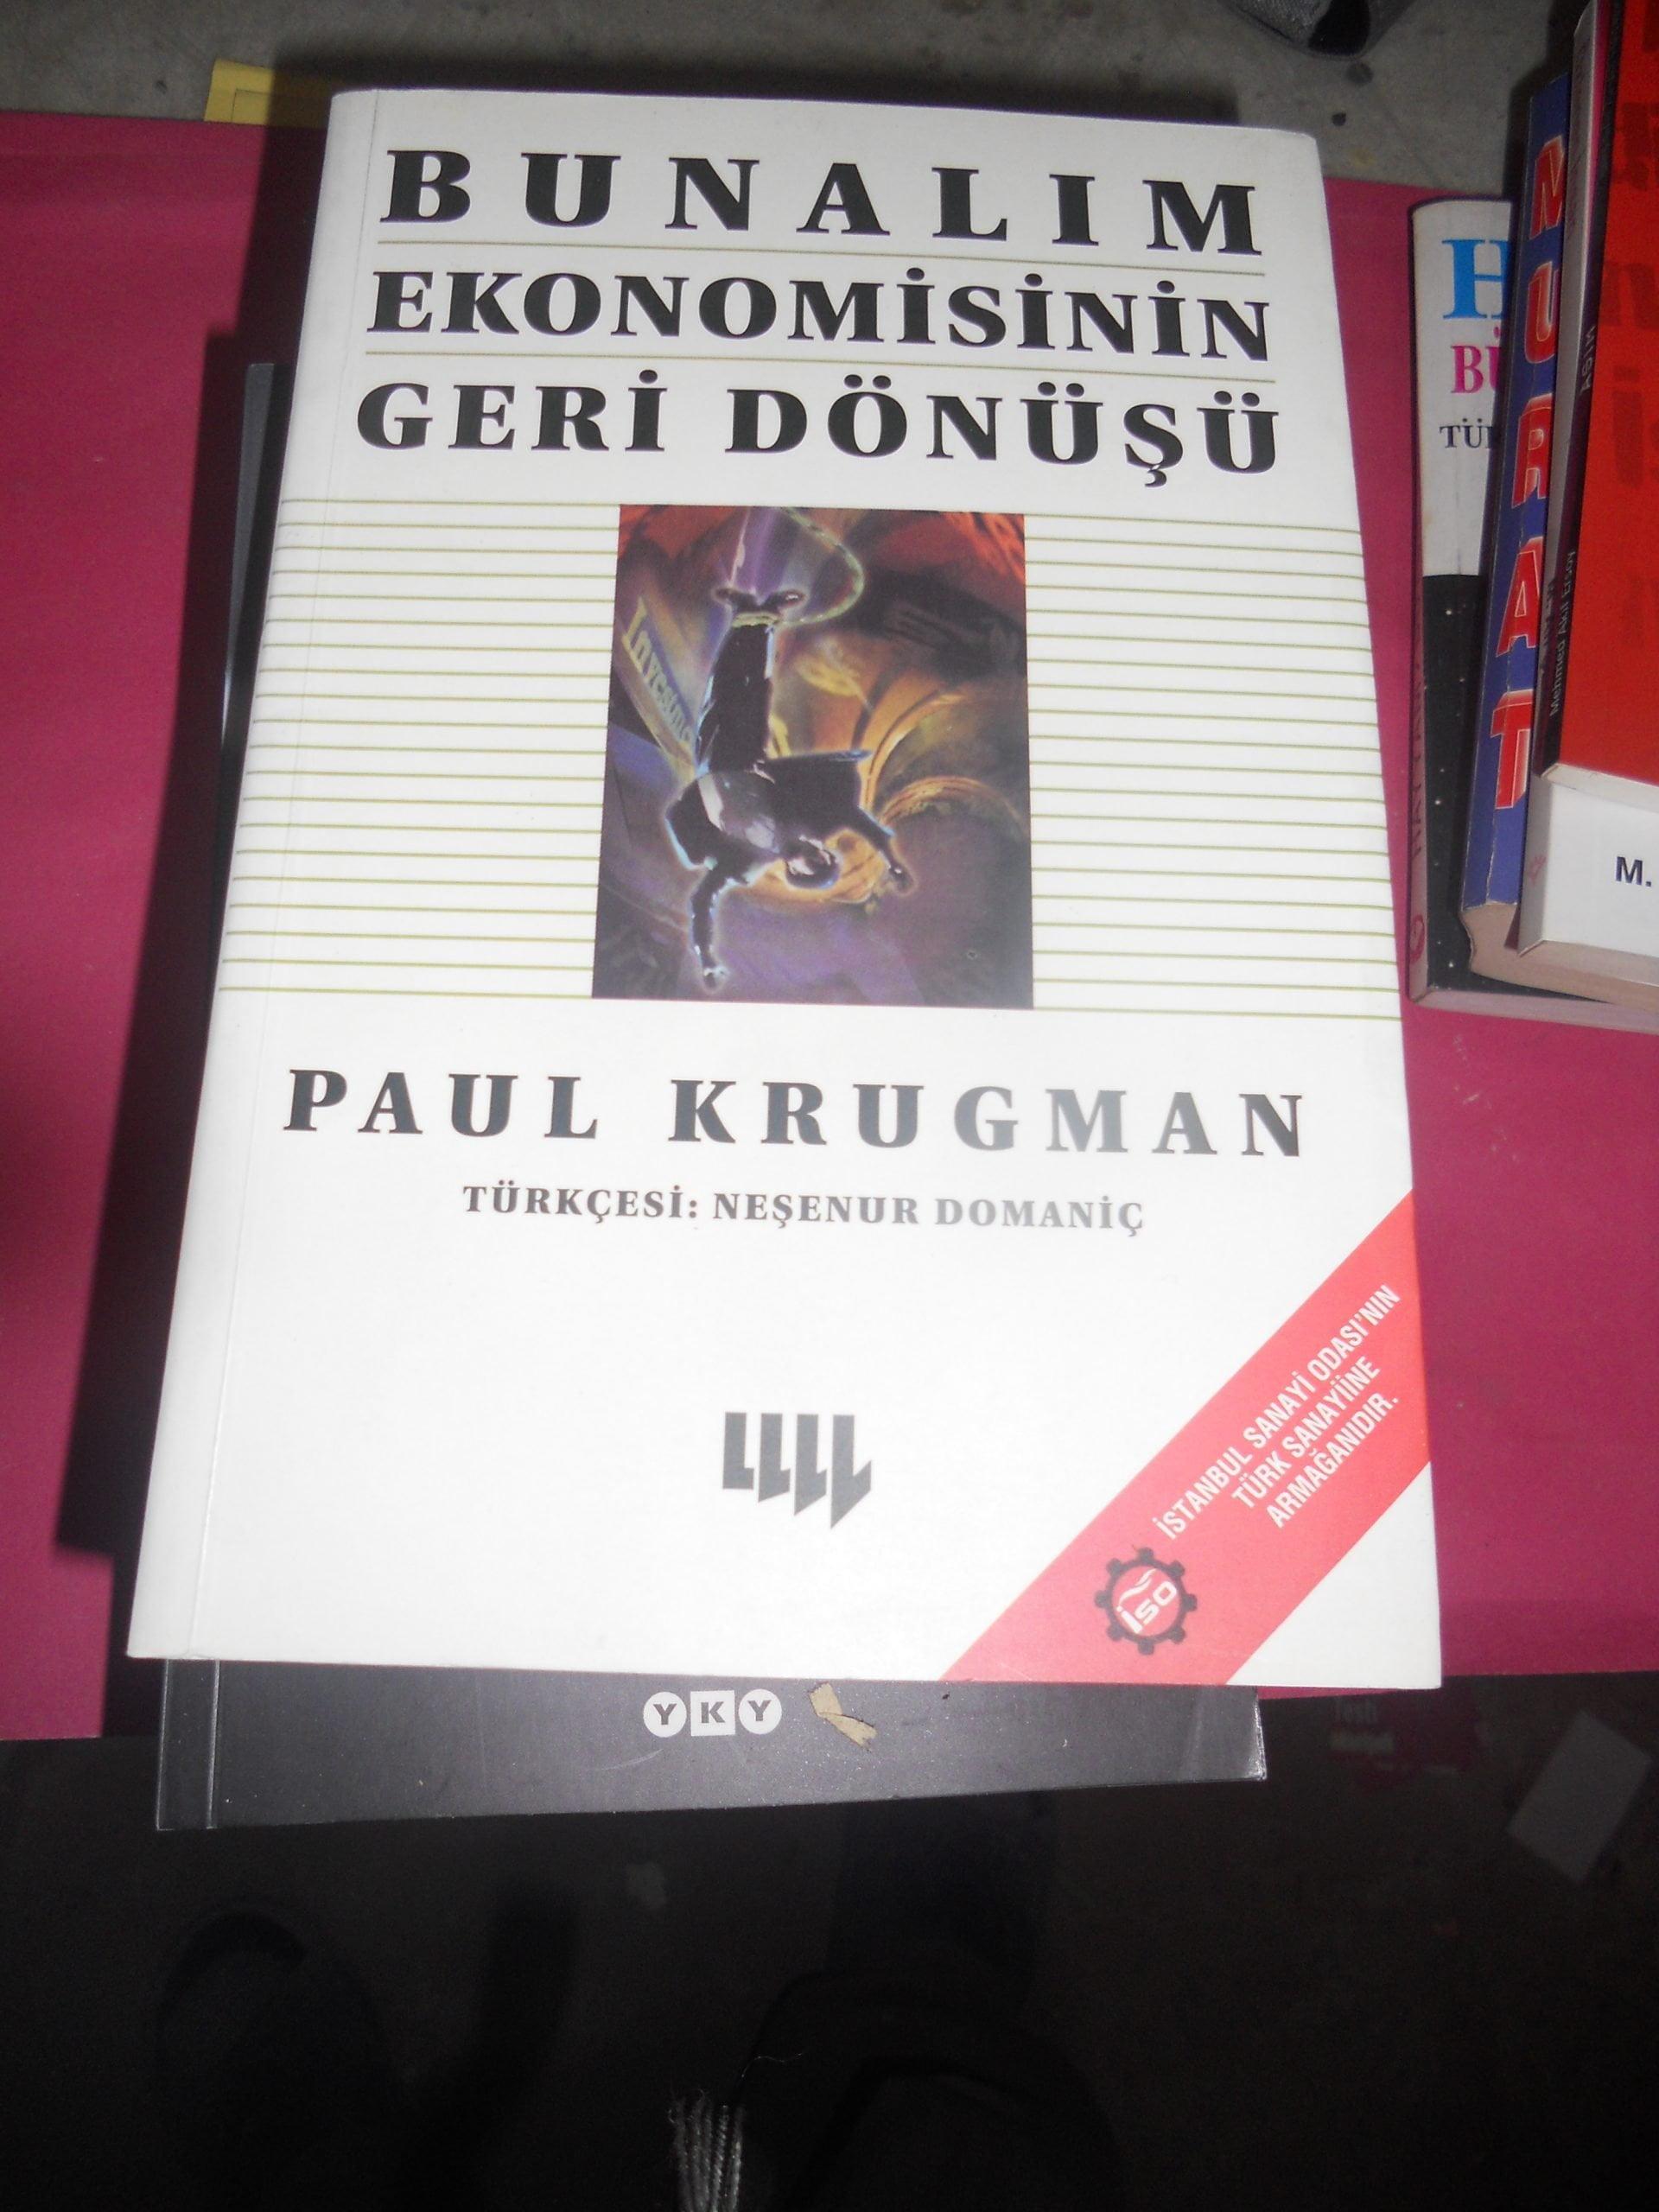 BUNALIM EKONOMİSİNİN GERİ DÖNÜŞÜ/PAUL KRUGMAN